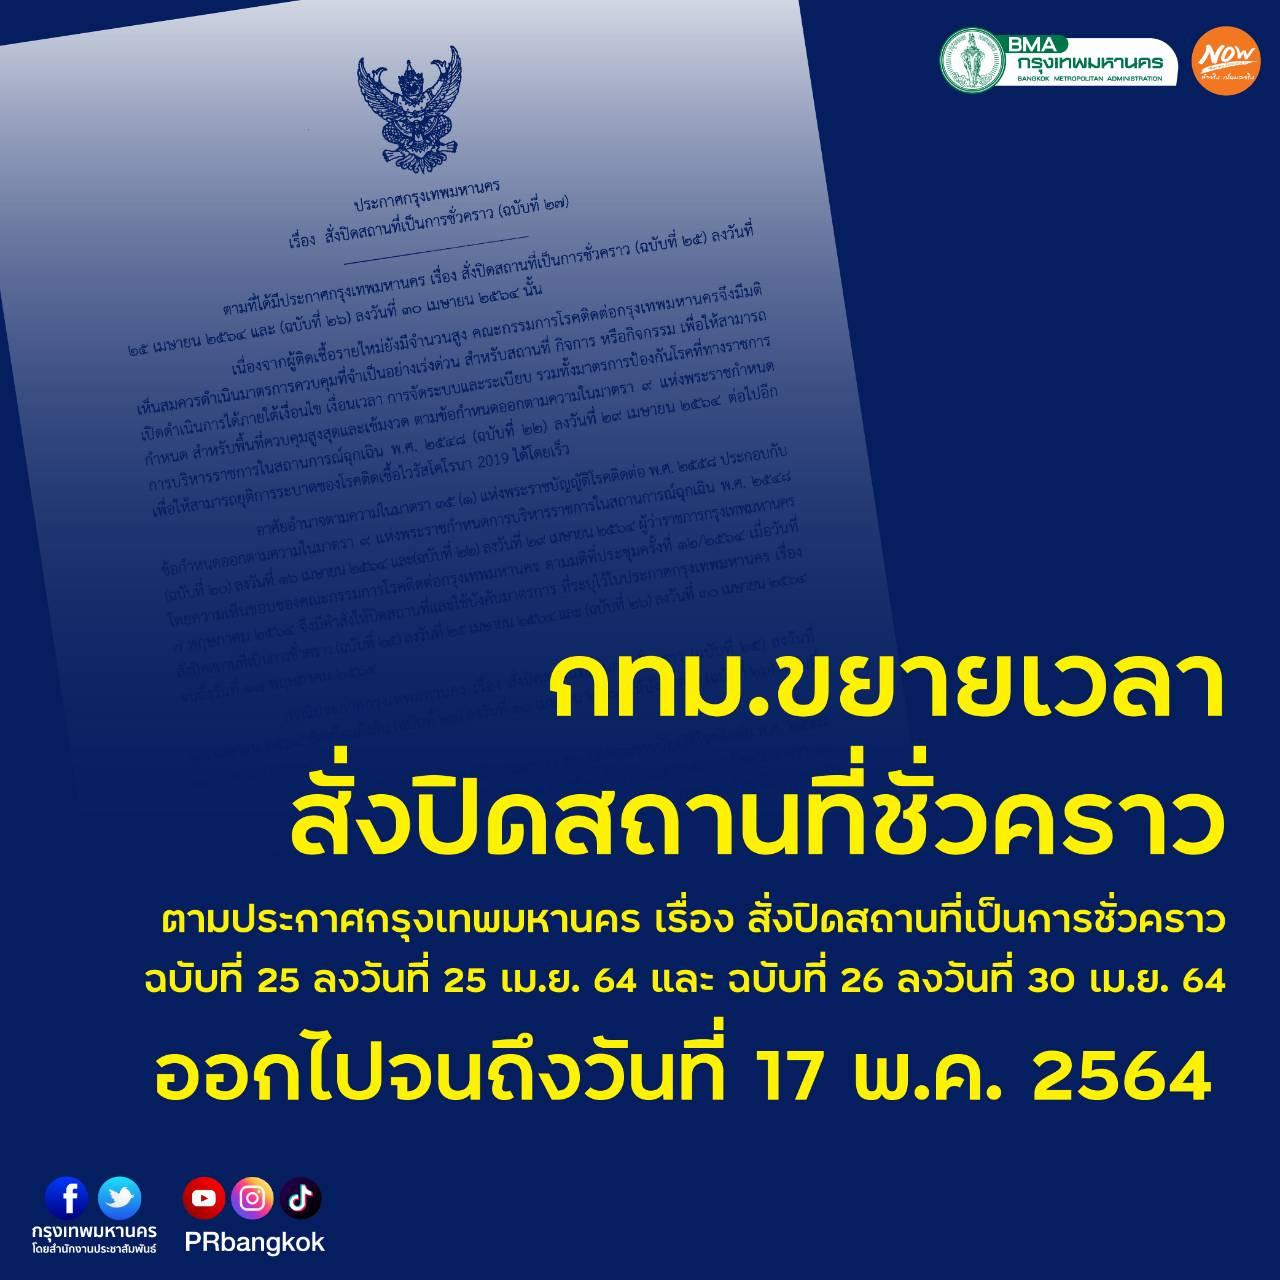 バンコク都、施設の閉鎖や営業制限を2021年5月17日まで延長